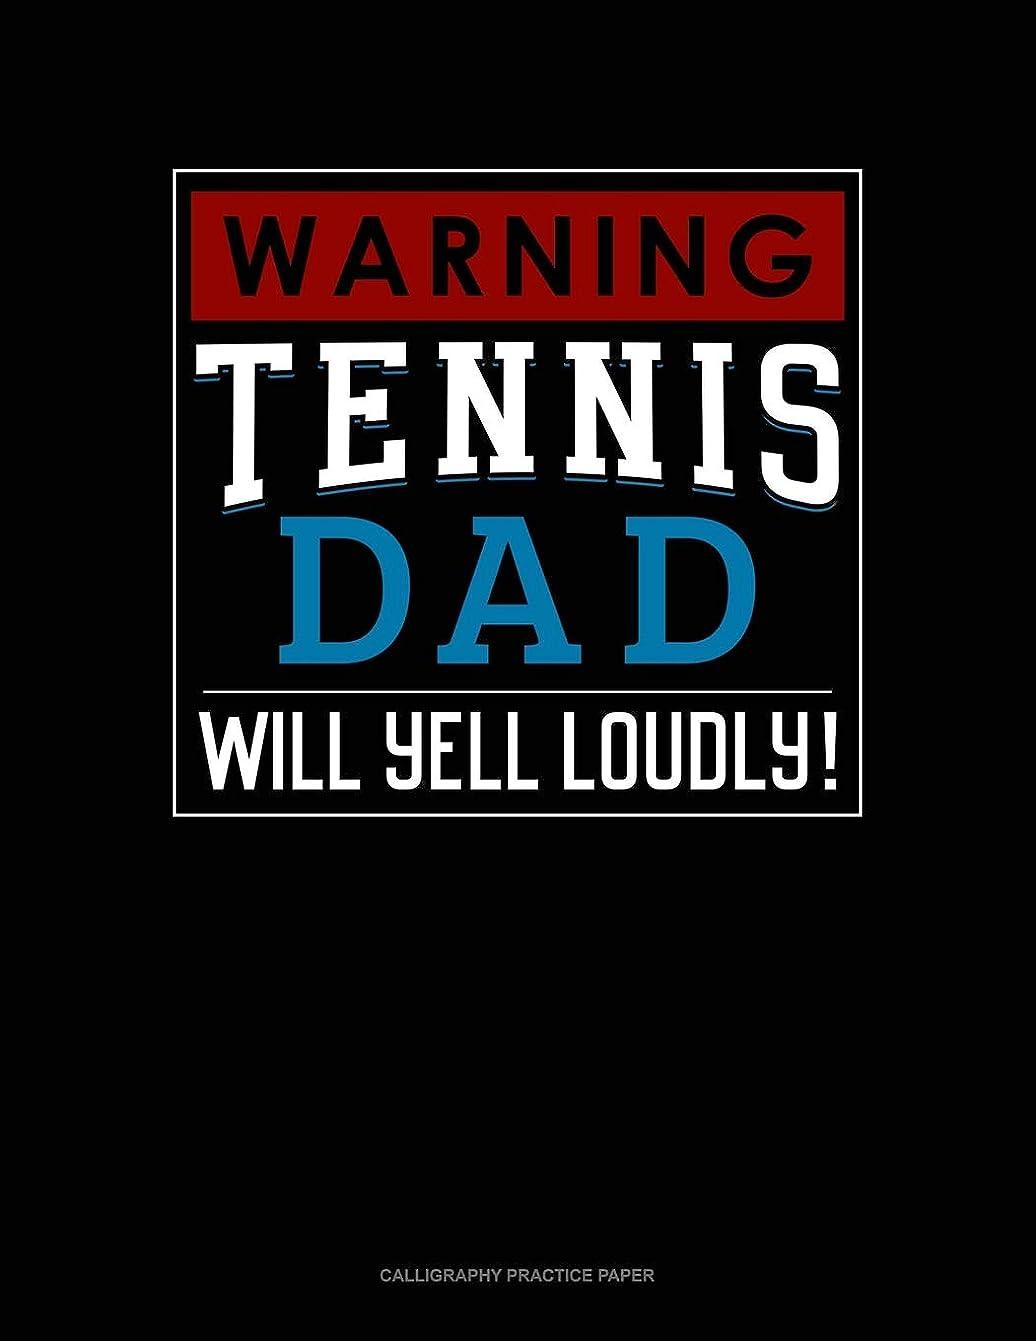 アーティスト長方形お手伝いさんWarning! Tennis Dad Will Yell Loudly!: Calligraphy Practice Paper